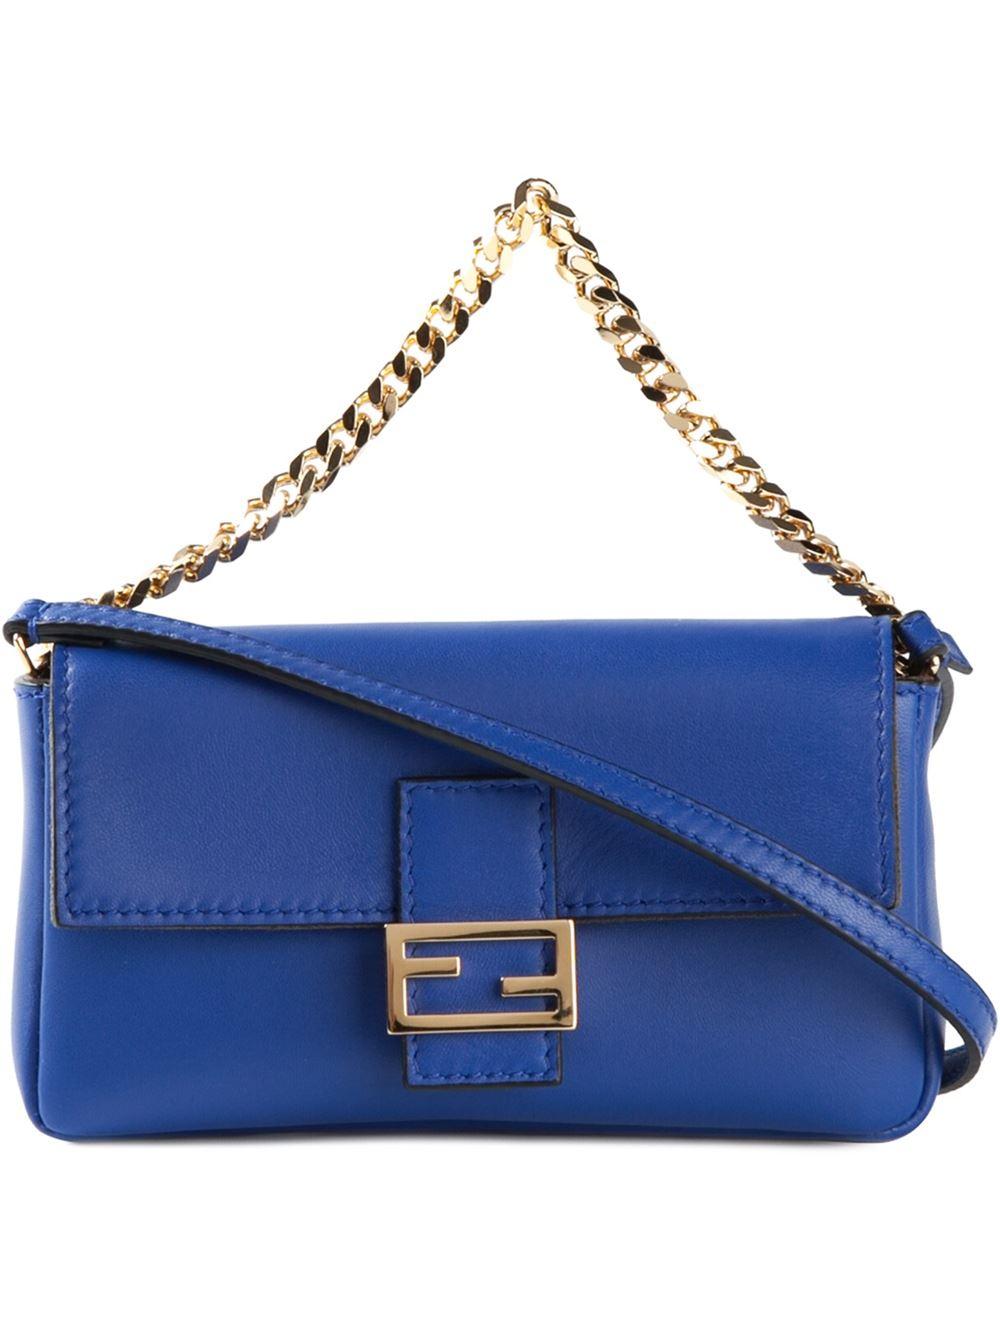 Baguette shoulder bag - Blue Fendi lO3gD4mpgK